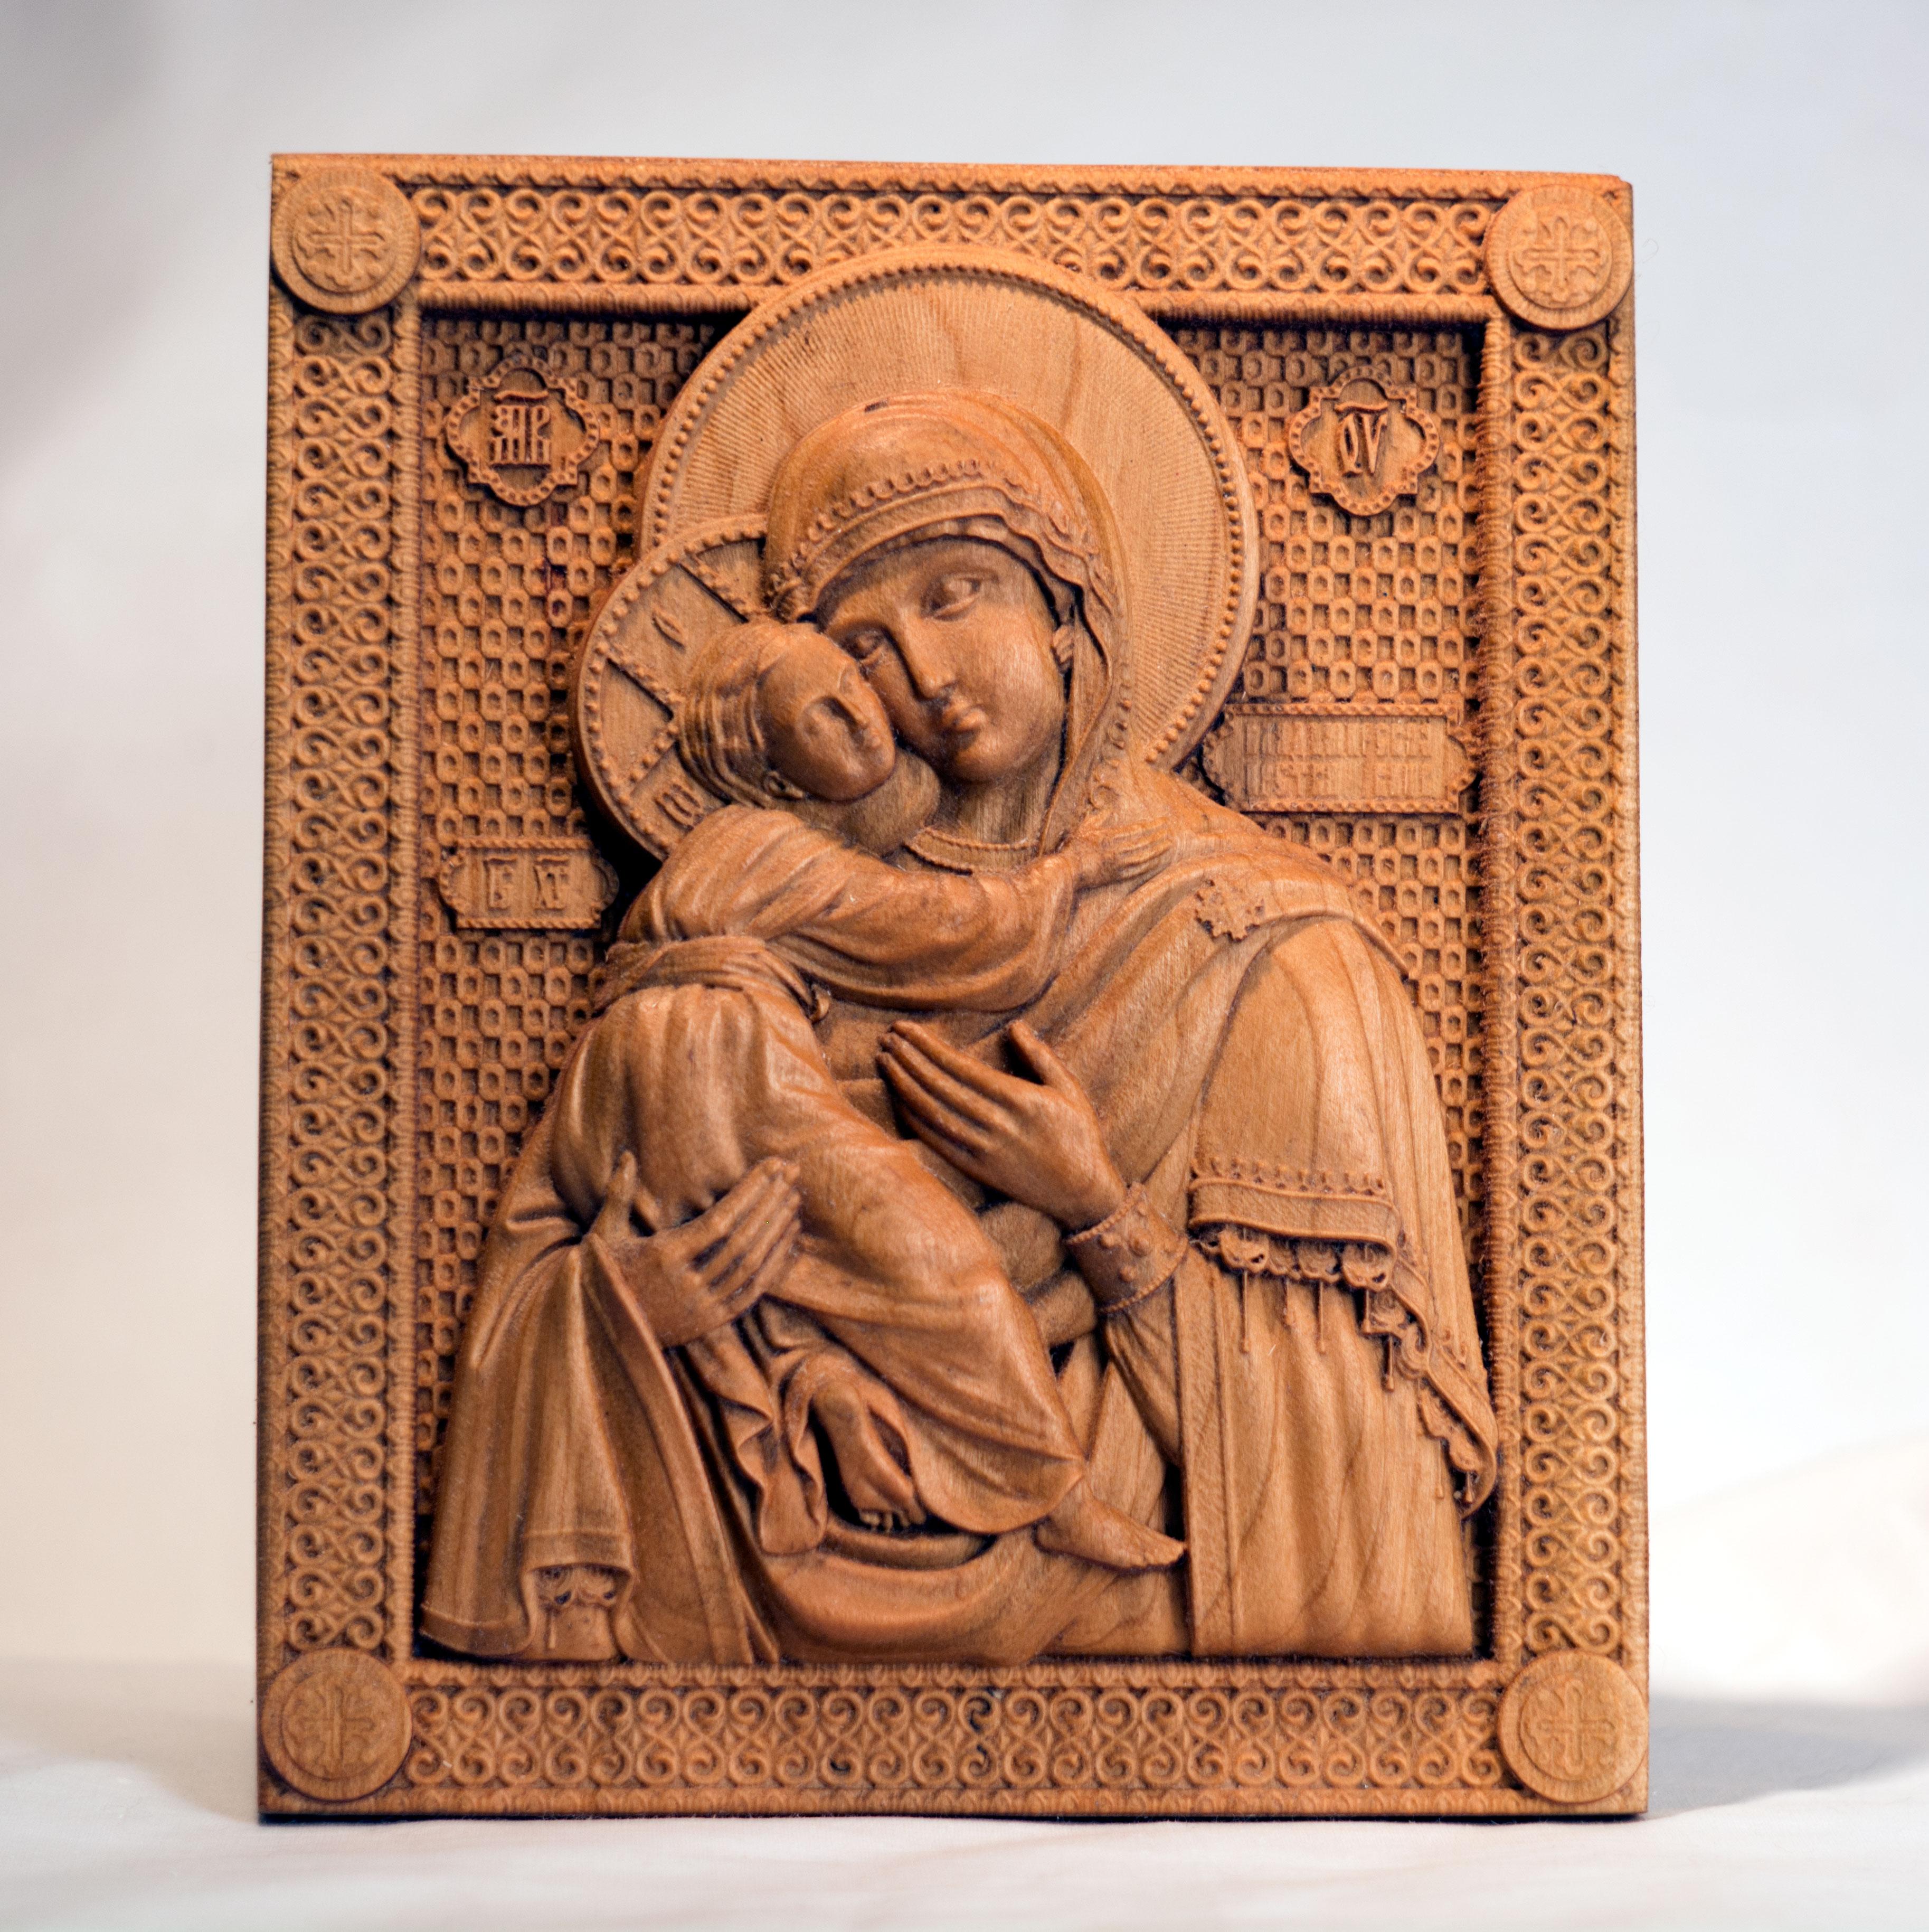 икона владимирской иконы божией матери